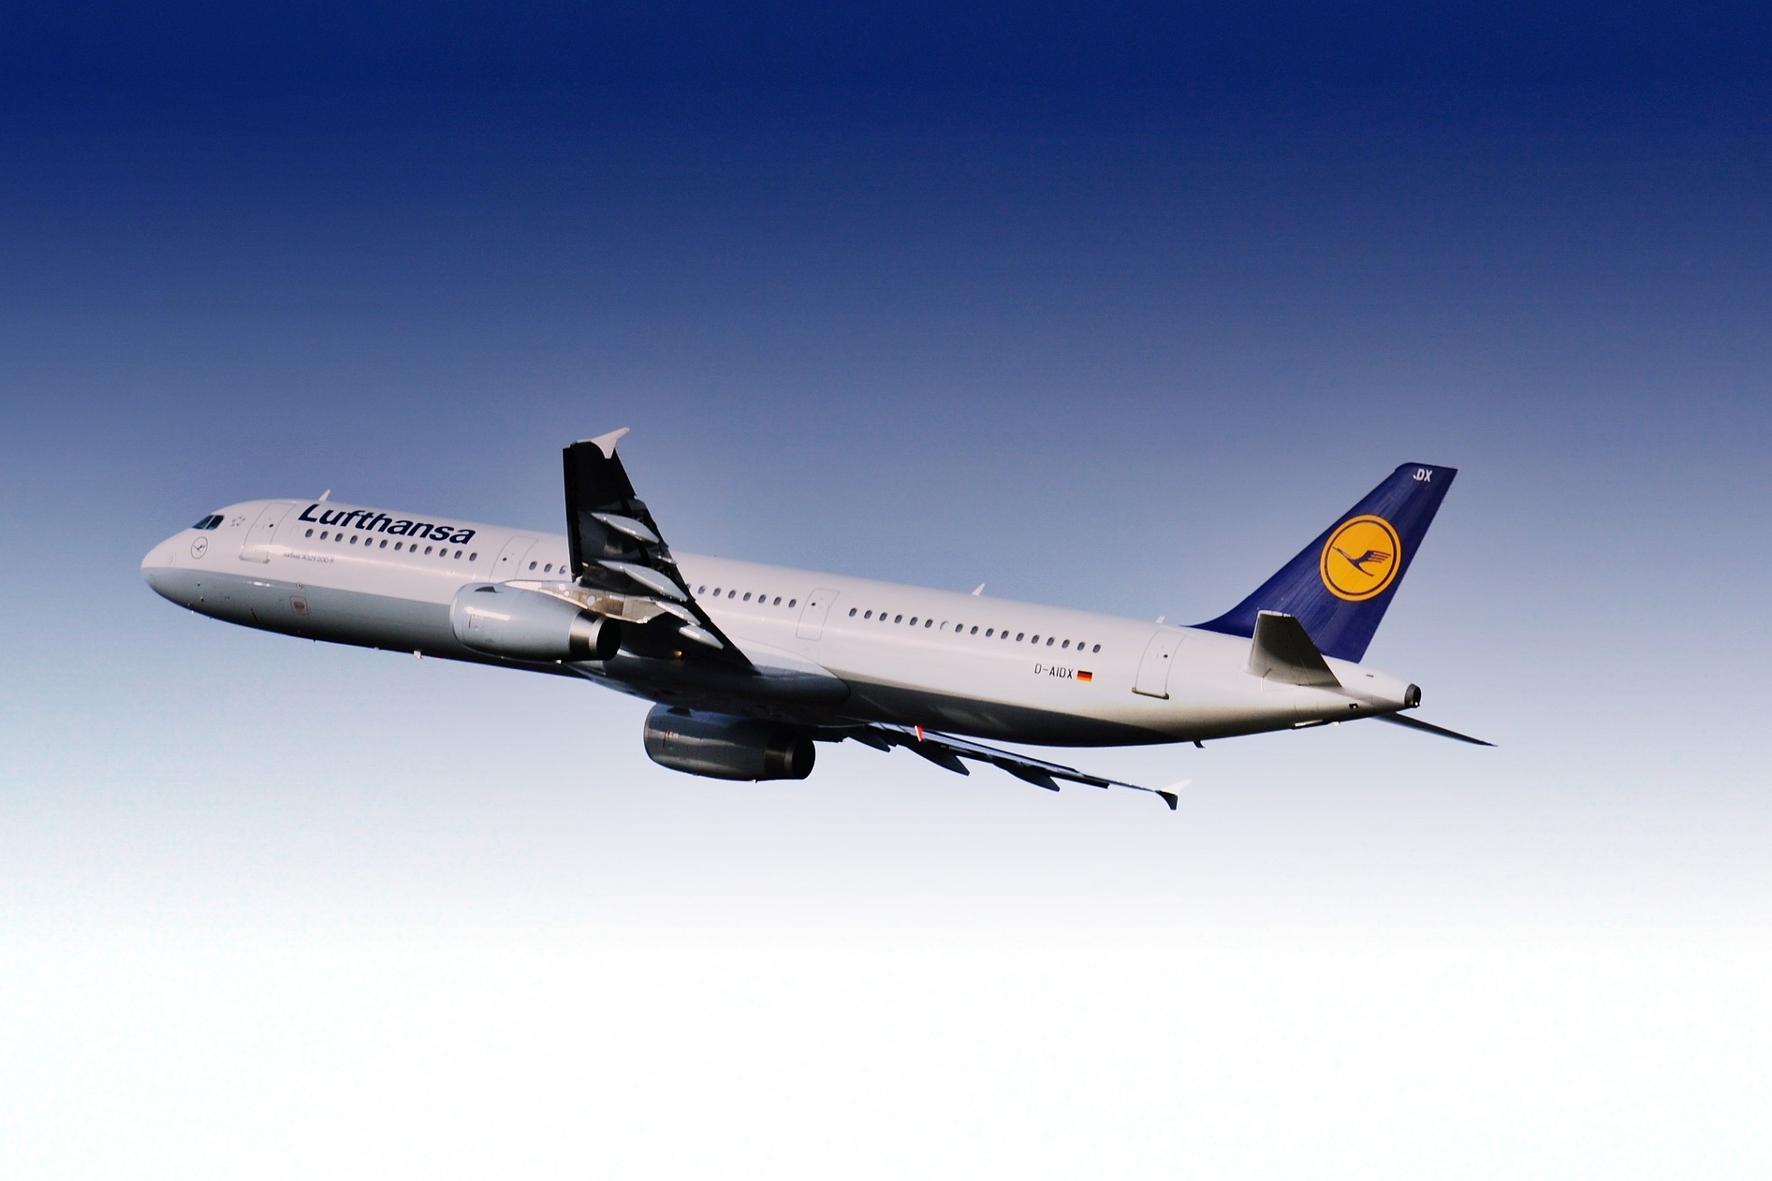 mid Groß-Gerau - Für die Lufthansa soll es in der Corona-Krise bald wieder aufwärts gehen. Alexas_Fotos / pixabay.com